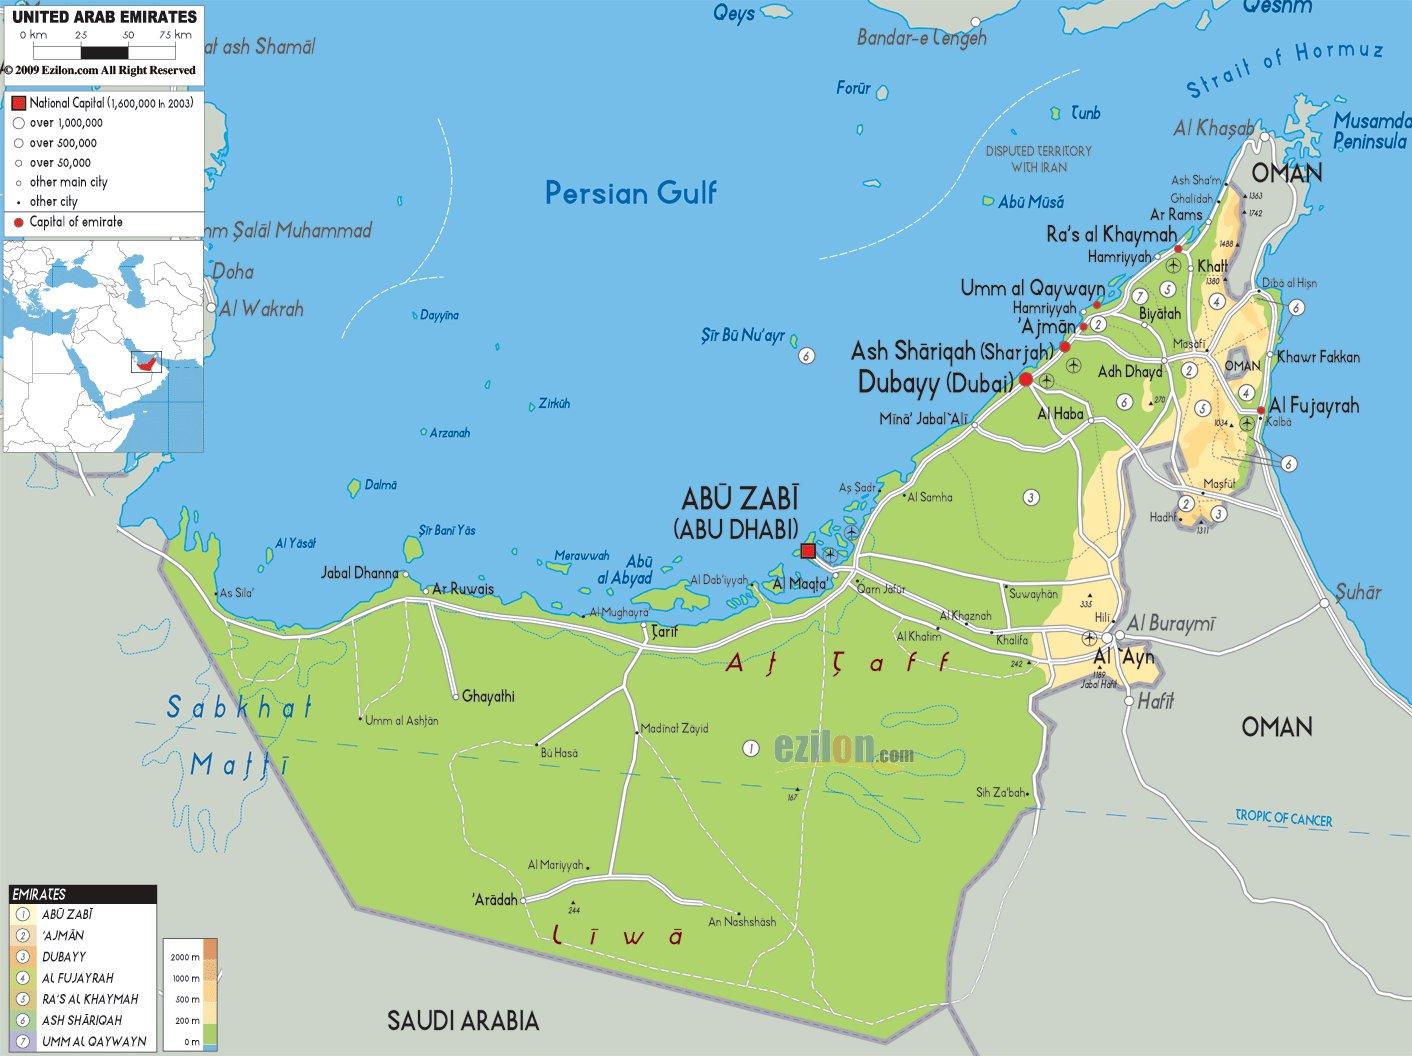 ОАЭ карта на русском языке, подробные карты ОАЭ с отелями, города ...